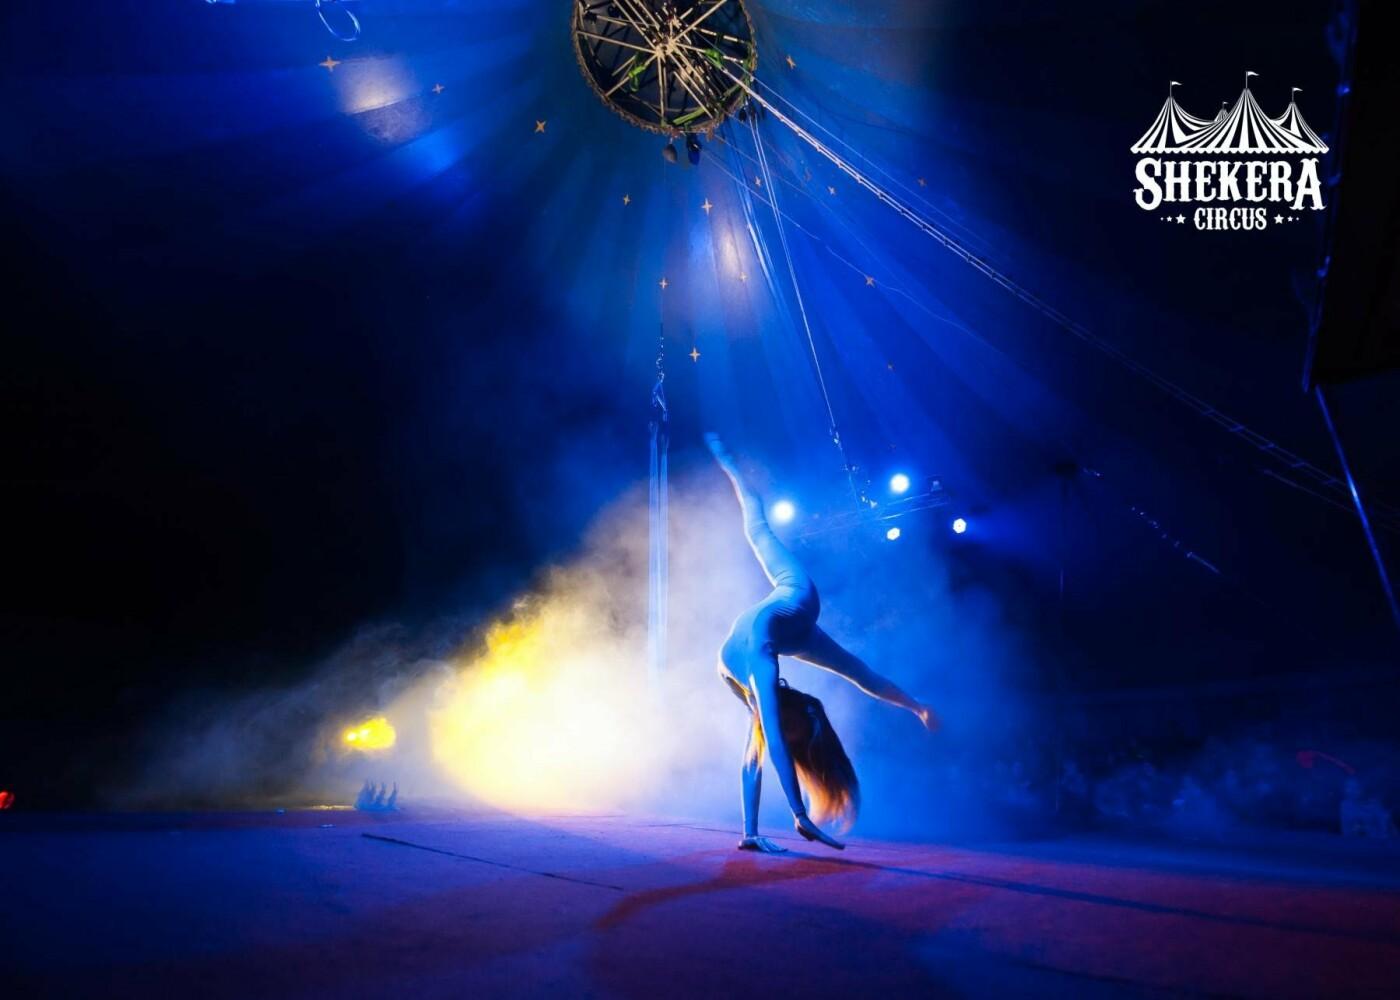 """Найкрутіший Цирк країни """"SHEKERA"""" з новою програмою в Івано-Франківську!, фото-1"""